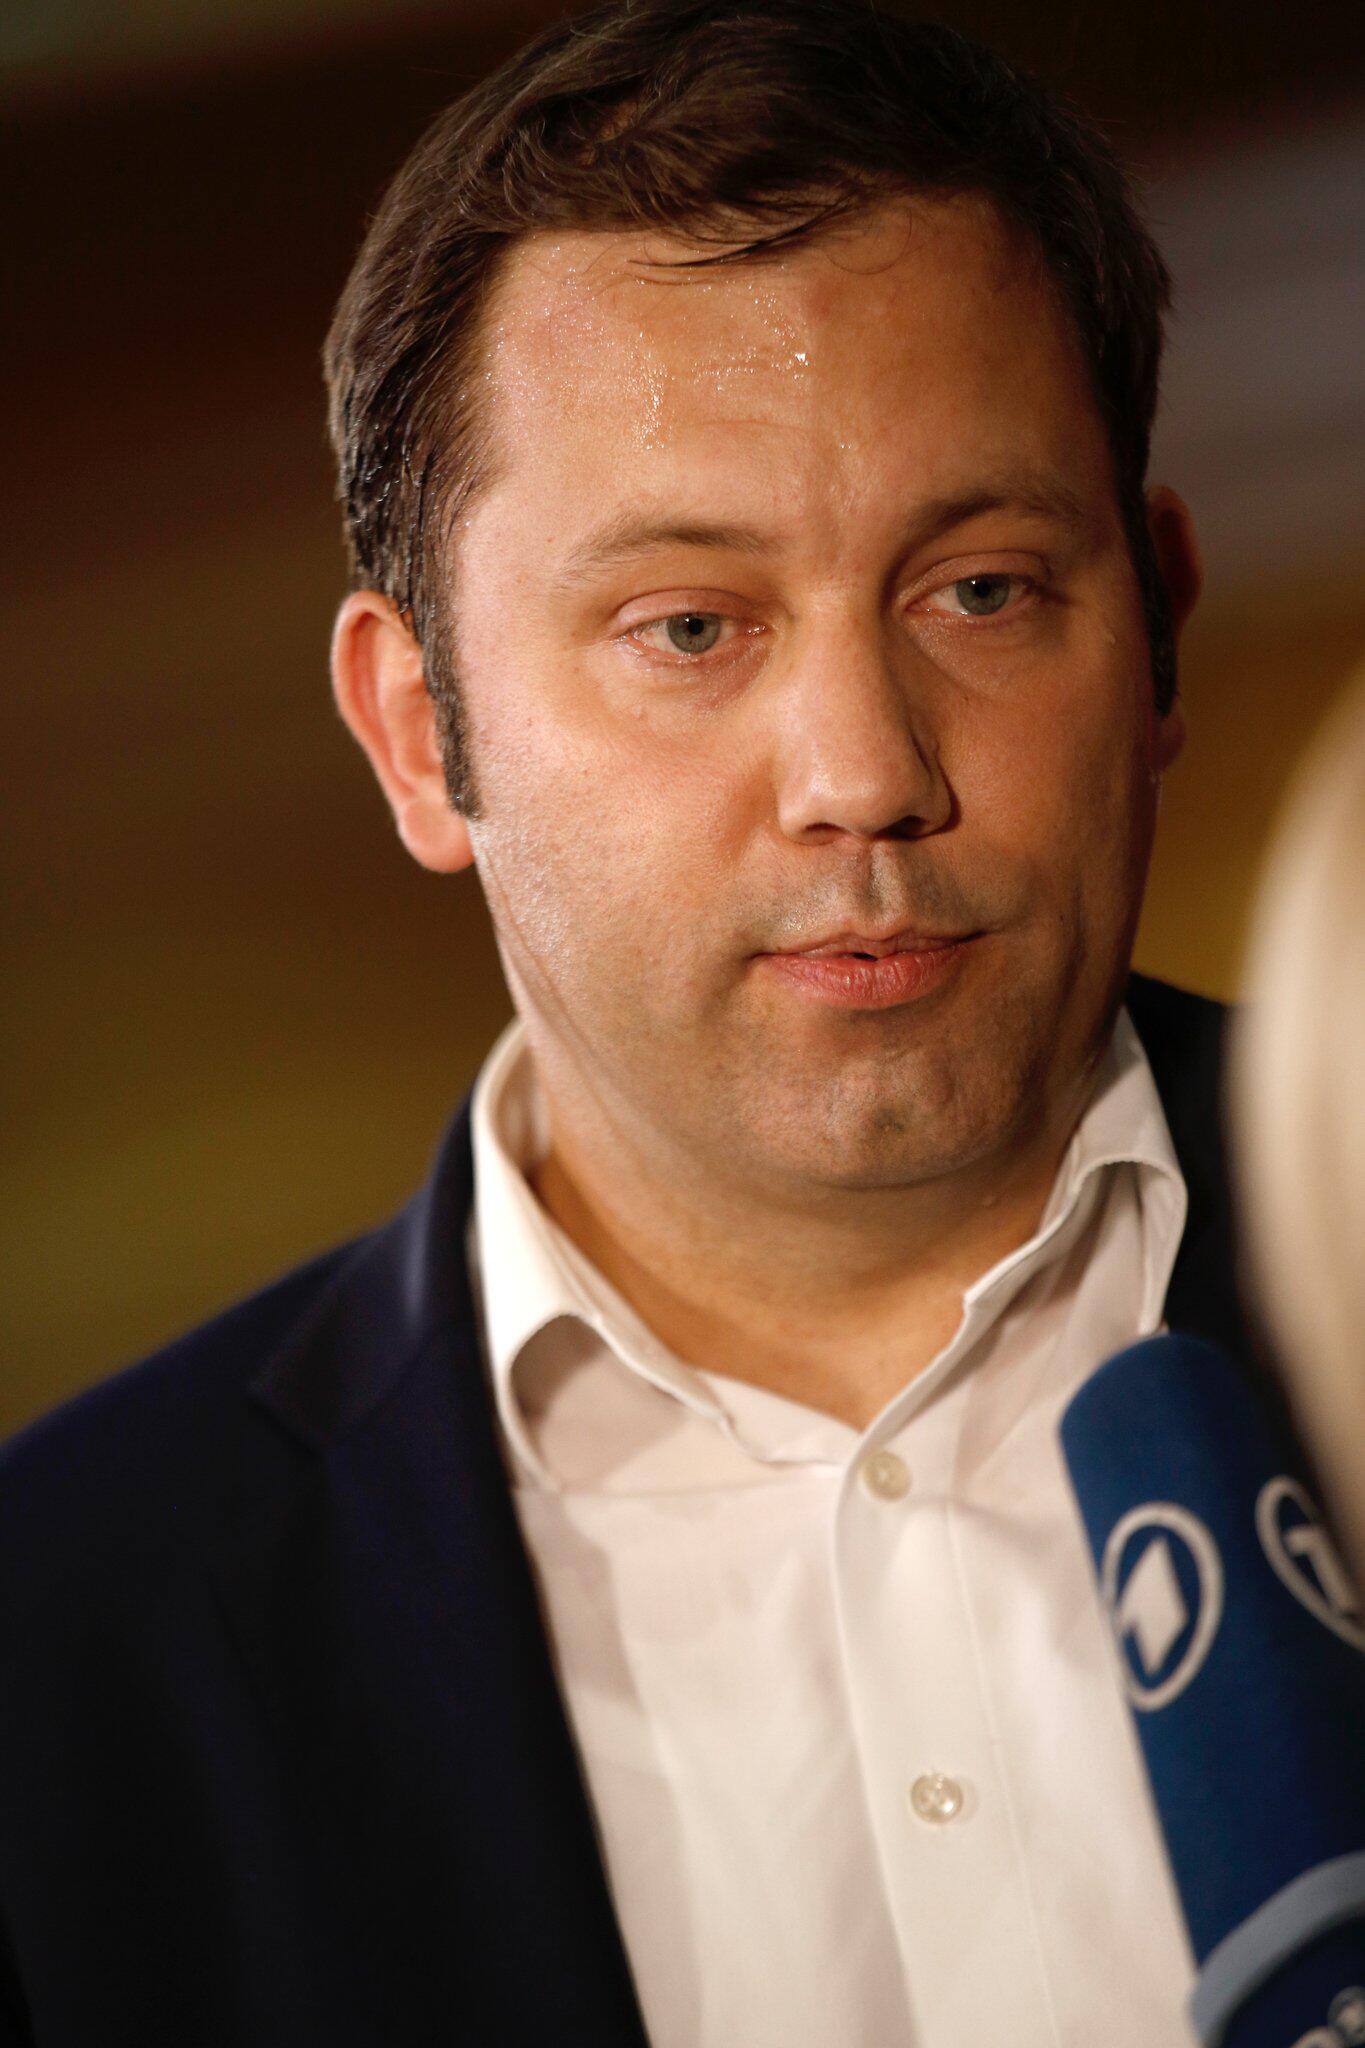 Bild zu Landtagswahl Bayern - Reaktionen SPD Berlin